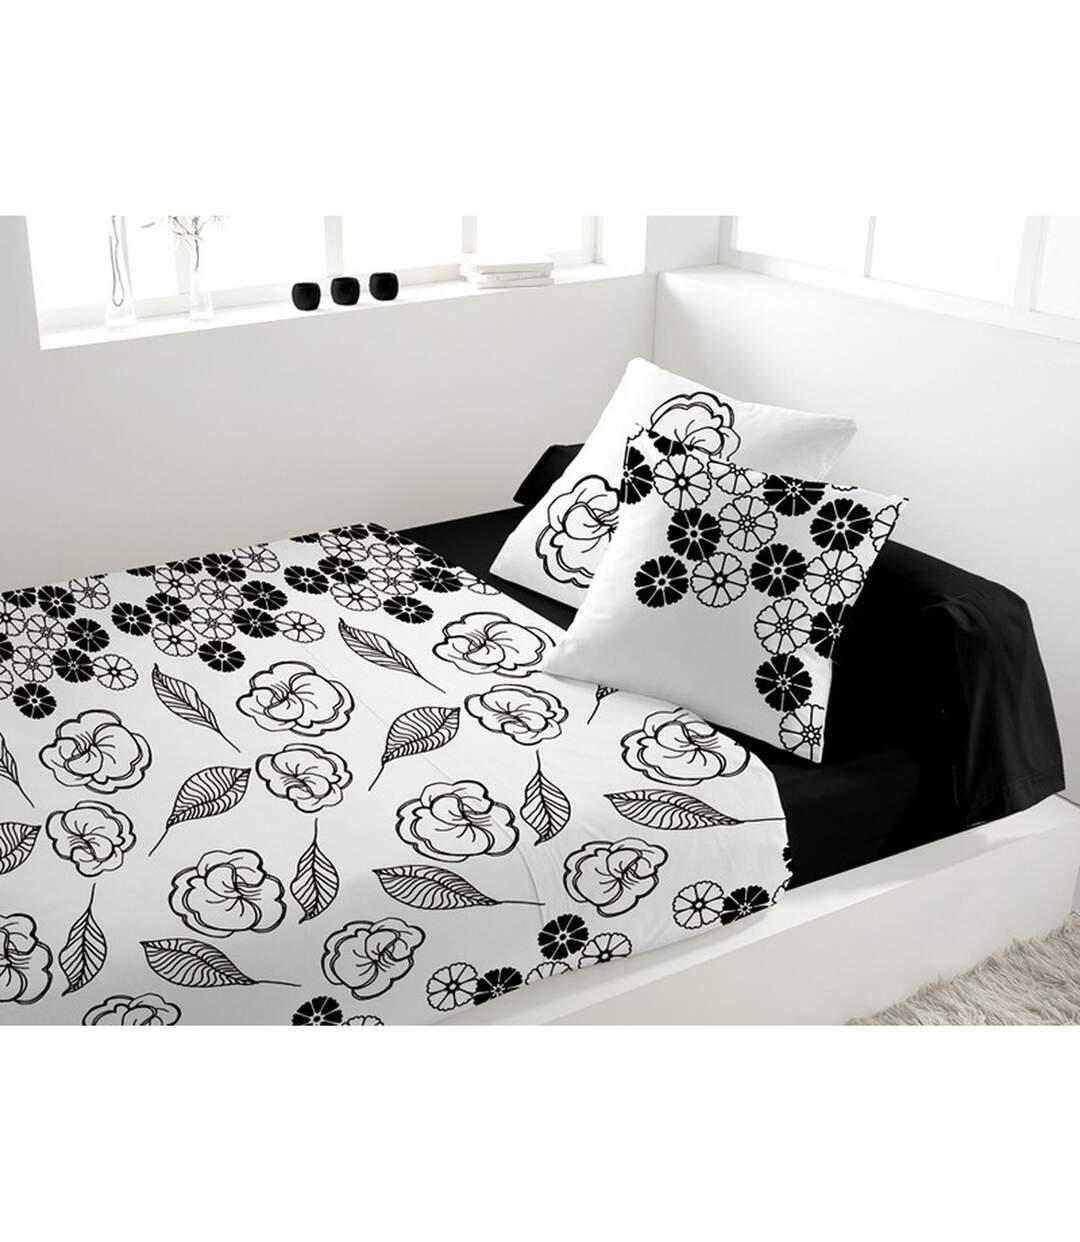 Parure de lit 4 pièces Xiuxiu Blanc - 240 x 300 - Percale